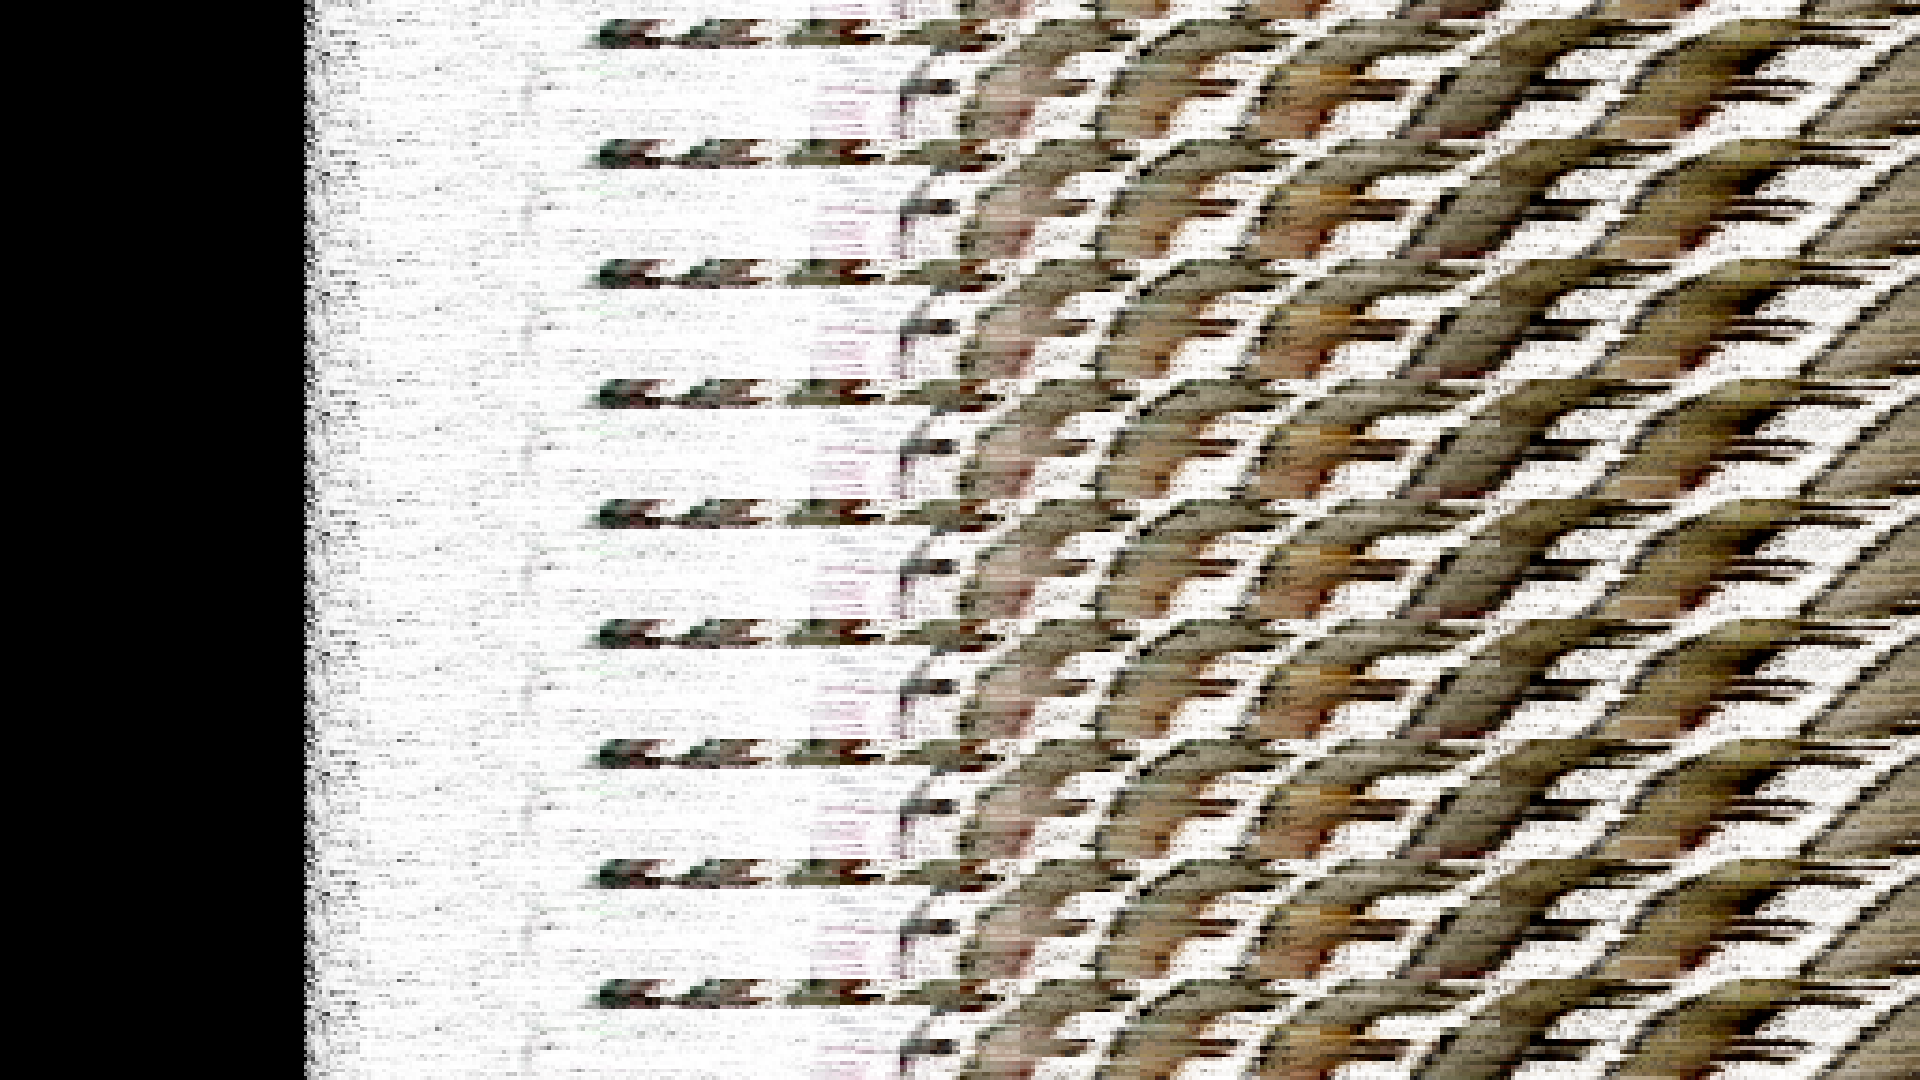 glitch_one